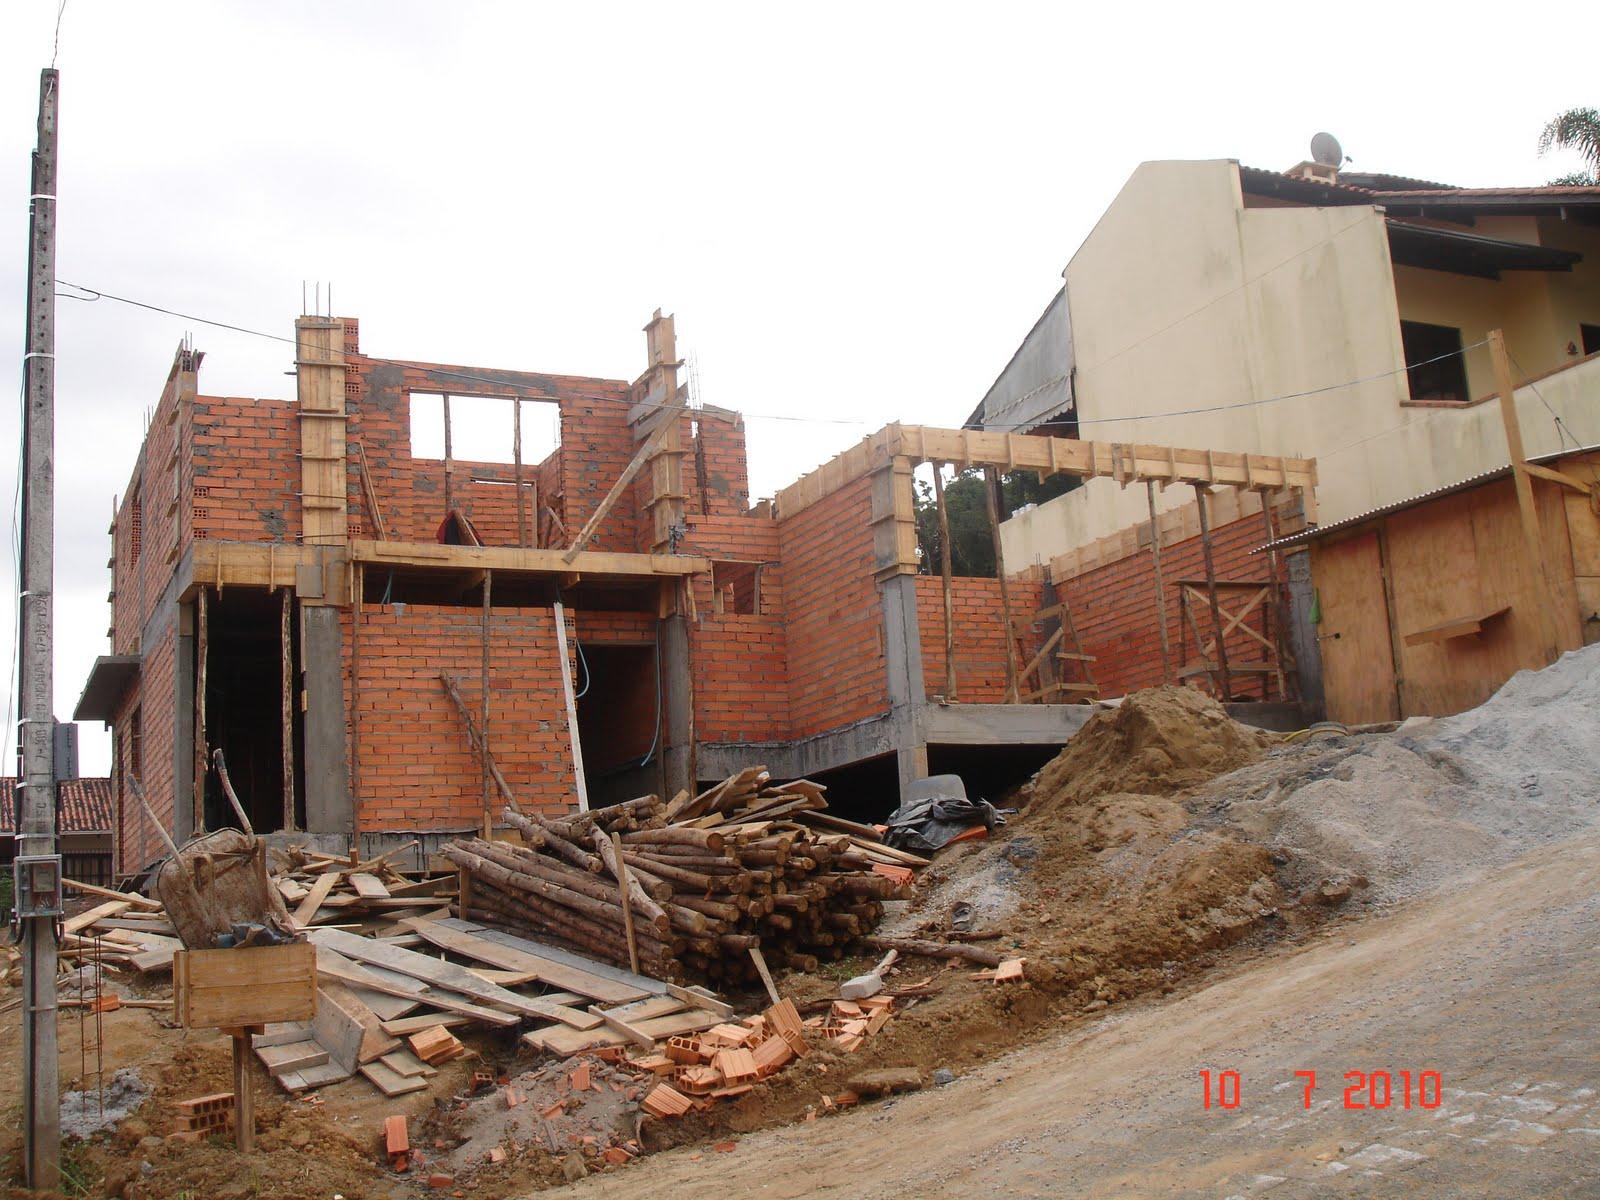 Nossa Casa no Site Construção da fundação ao acabamento: Fotos  #B02C1B 1600 1200